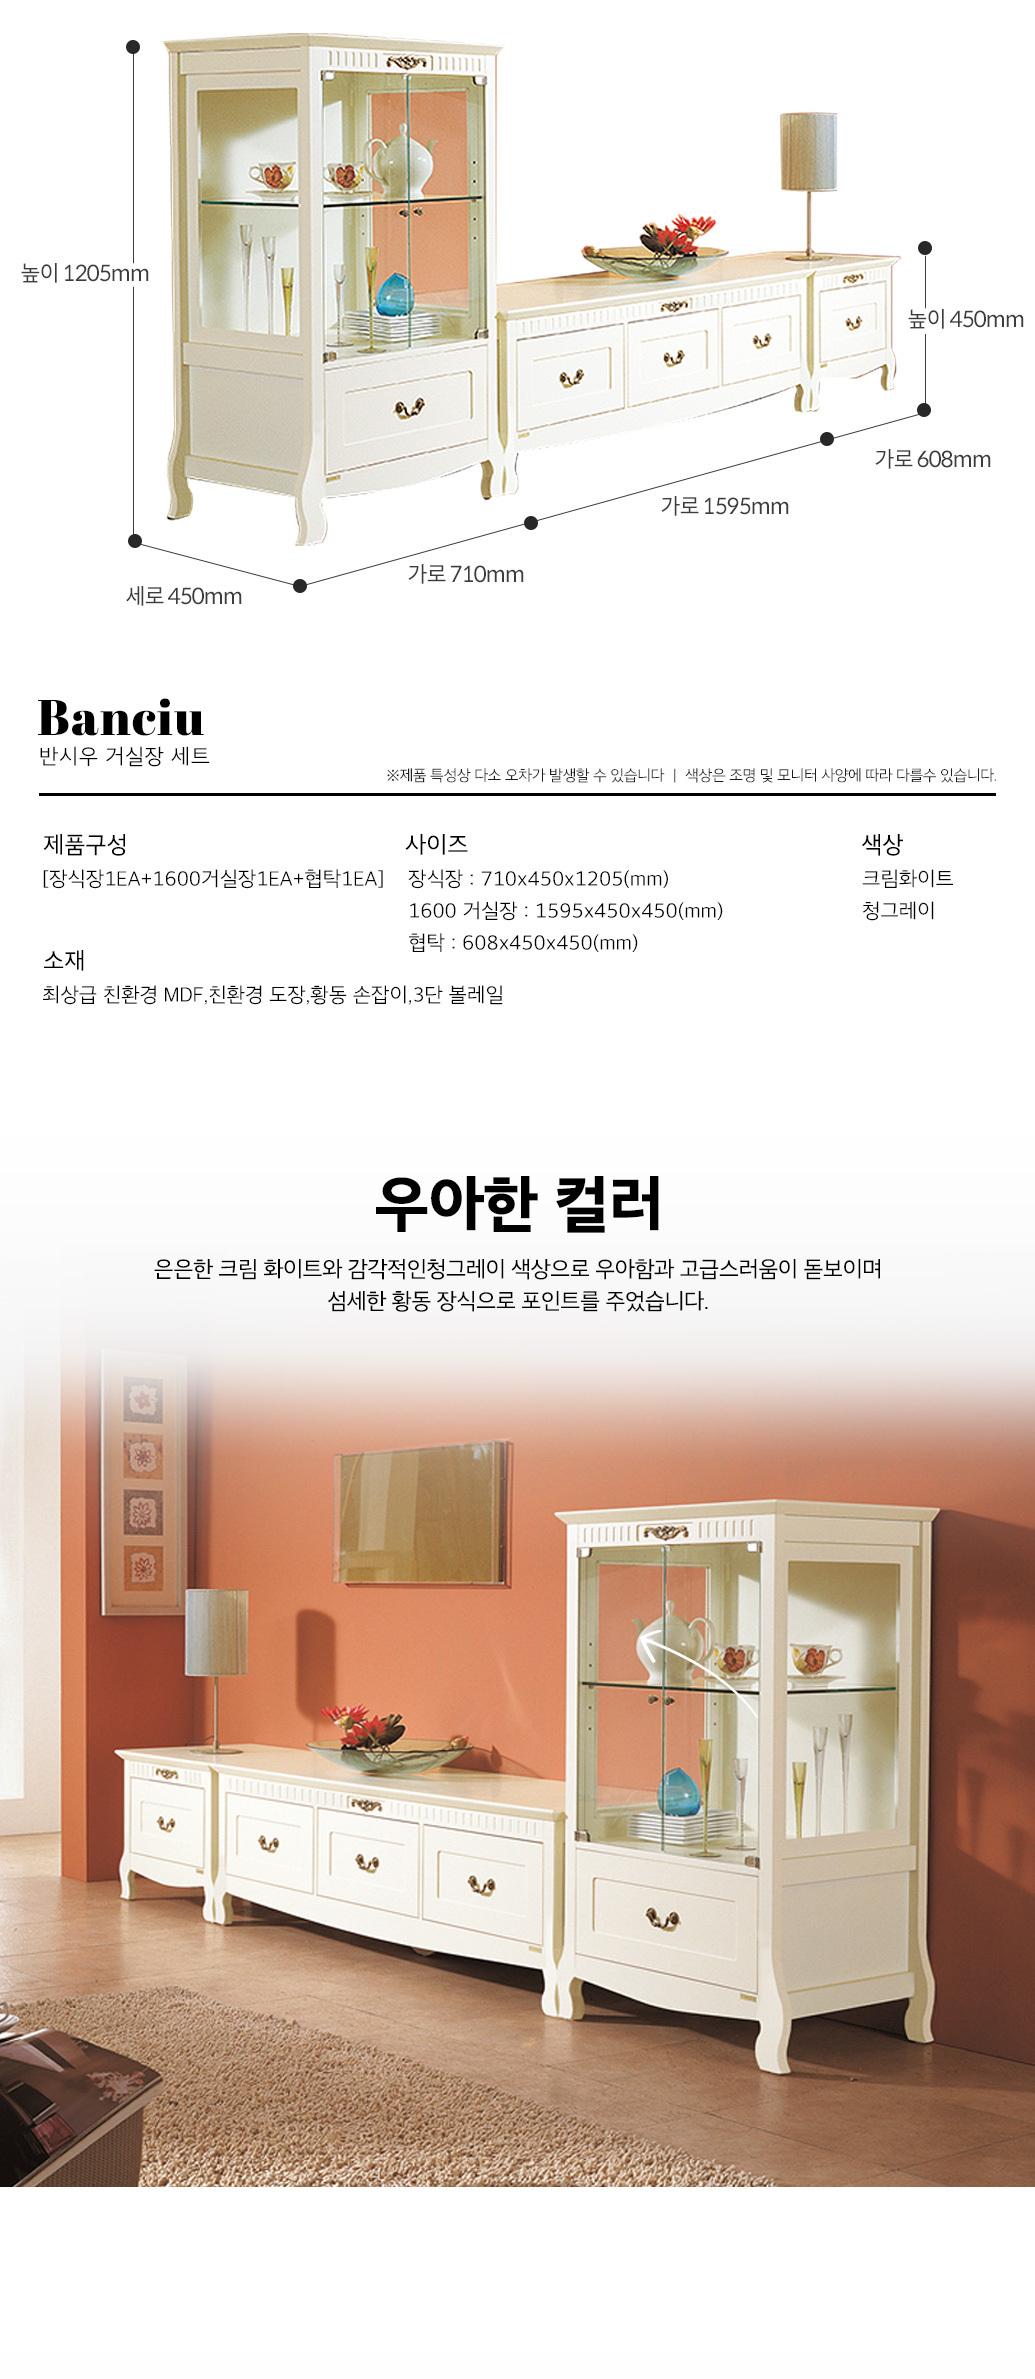 banciuset_002.jpg